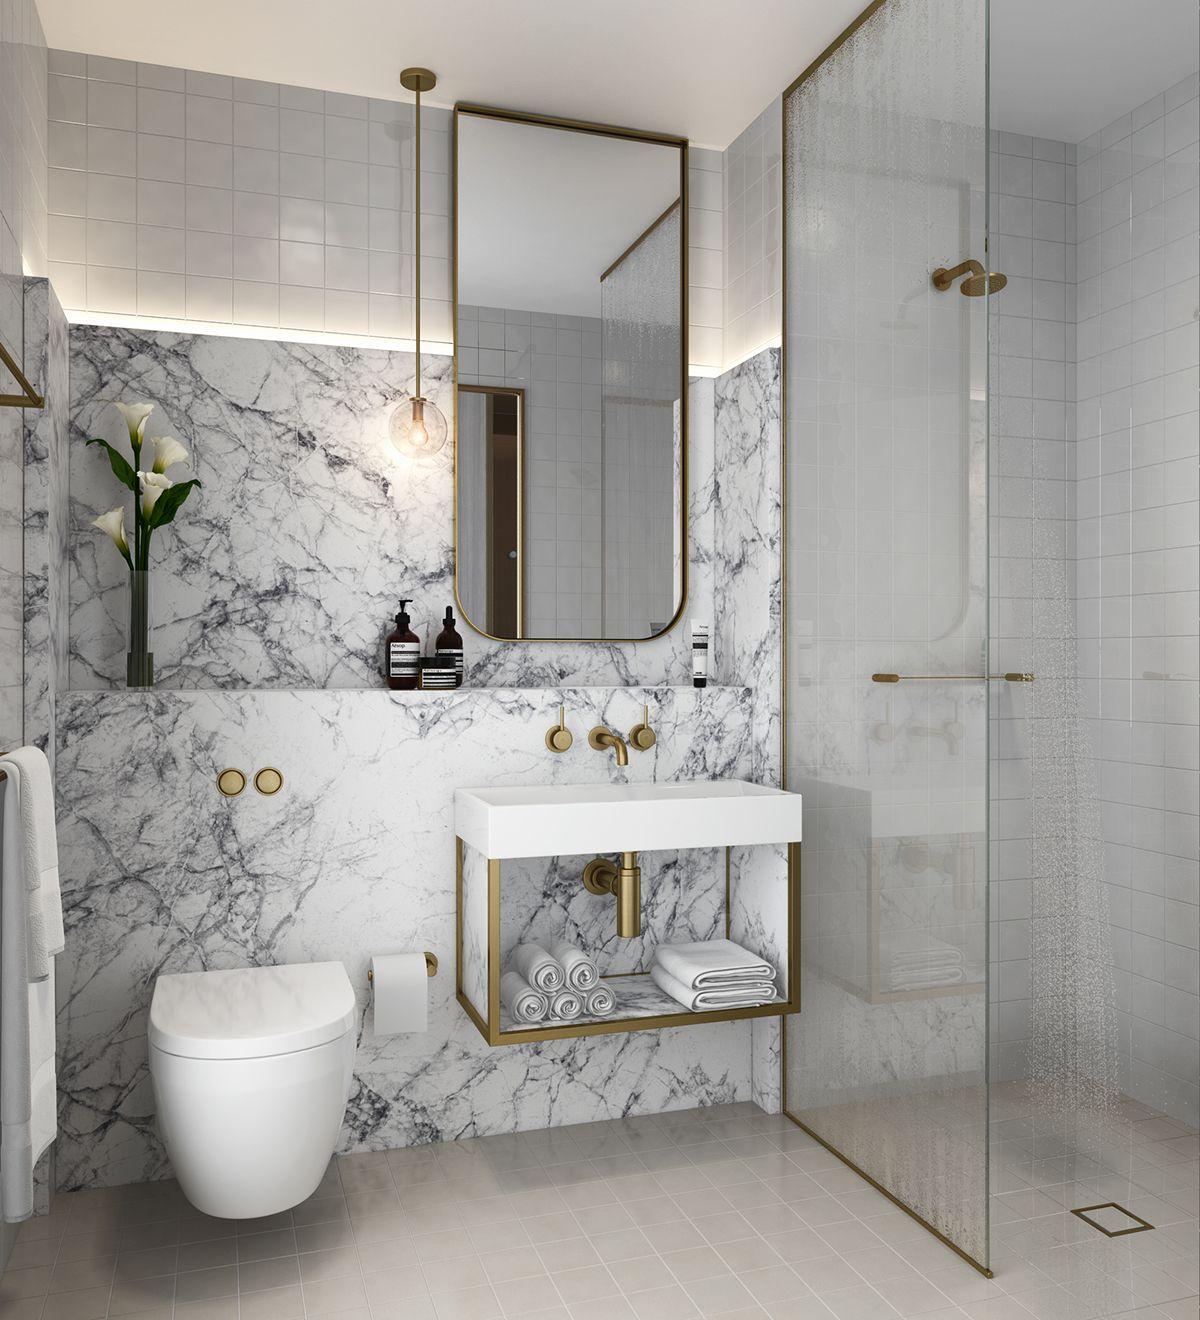 Best bathroom interior pin by wanjeri gatheru on b a t h r o o m in   pinterest